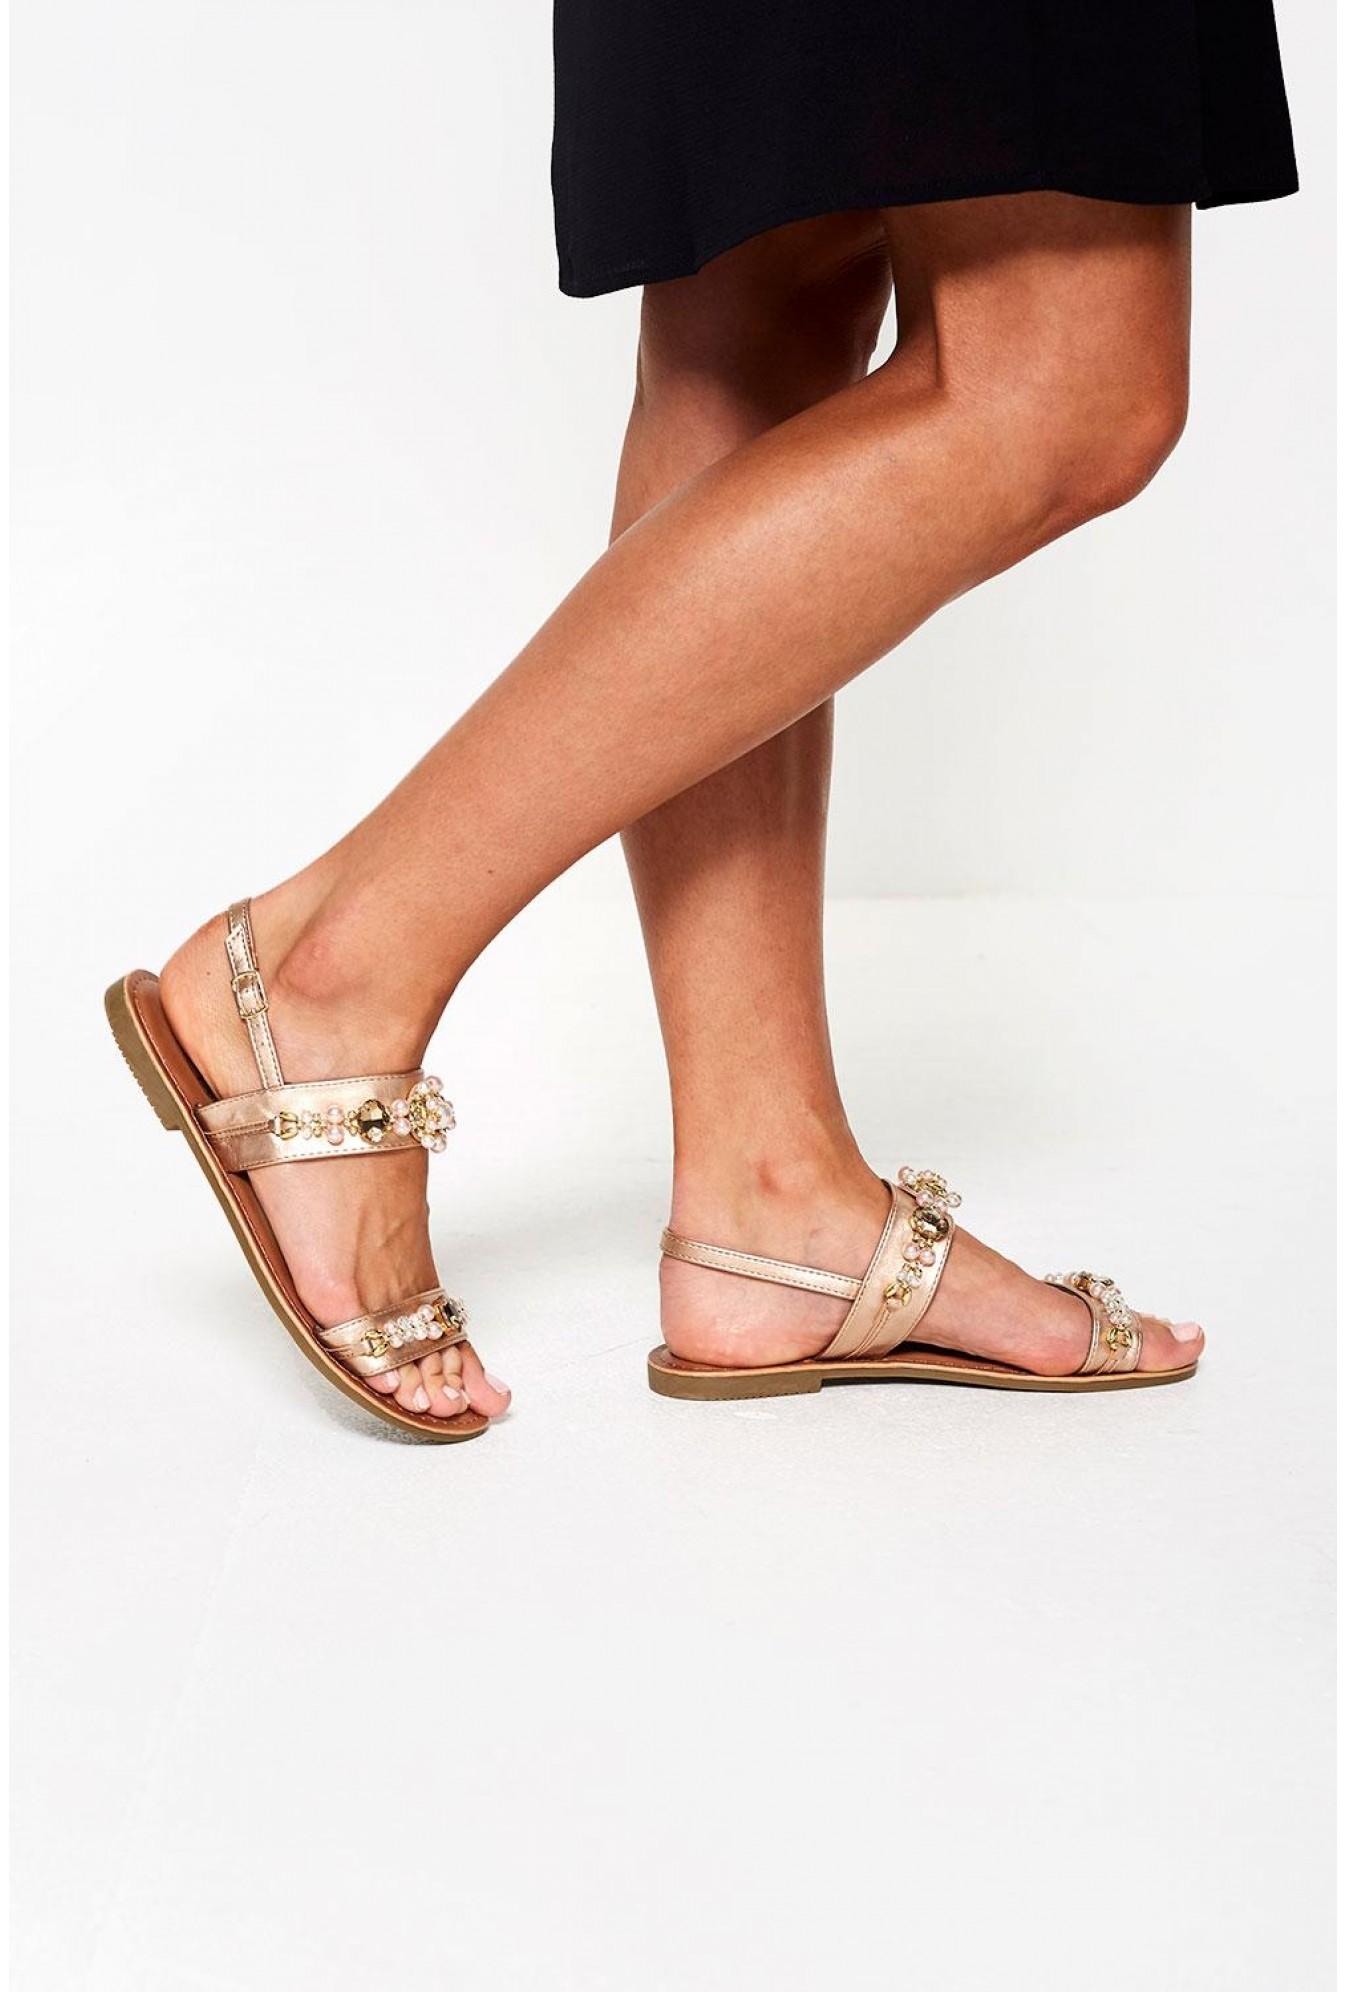 e7765b17113 Itzel Embellished Flat Sandal in Rose Gold